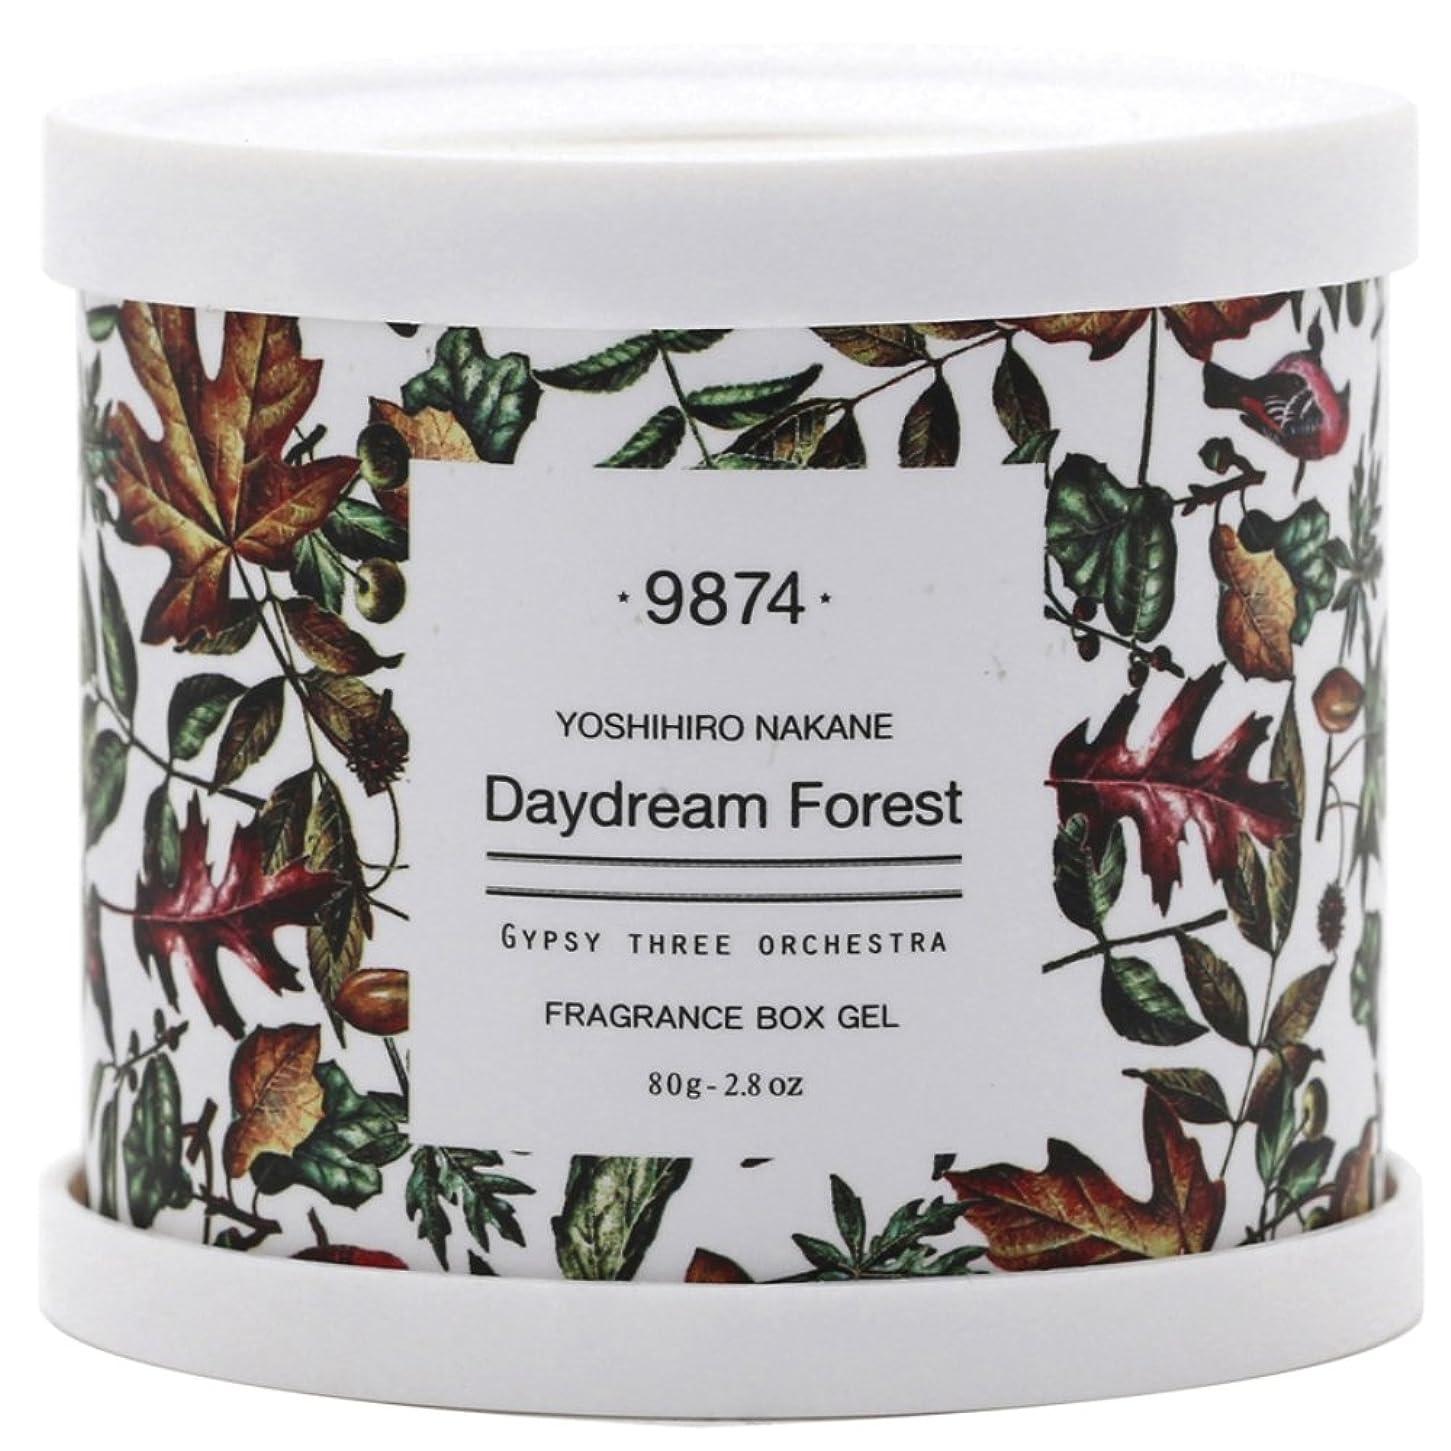 相互接続属する旅行者ノルコーポレーション 芳香剤 GYPSY THREE ORCHESTRA × YOSHIHIRO NAKANE フレグランスボックスジェル 80g DAYDREAM FOREST OA-GOF-2-3